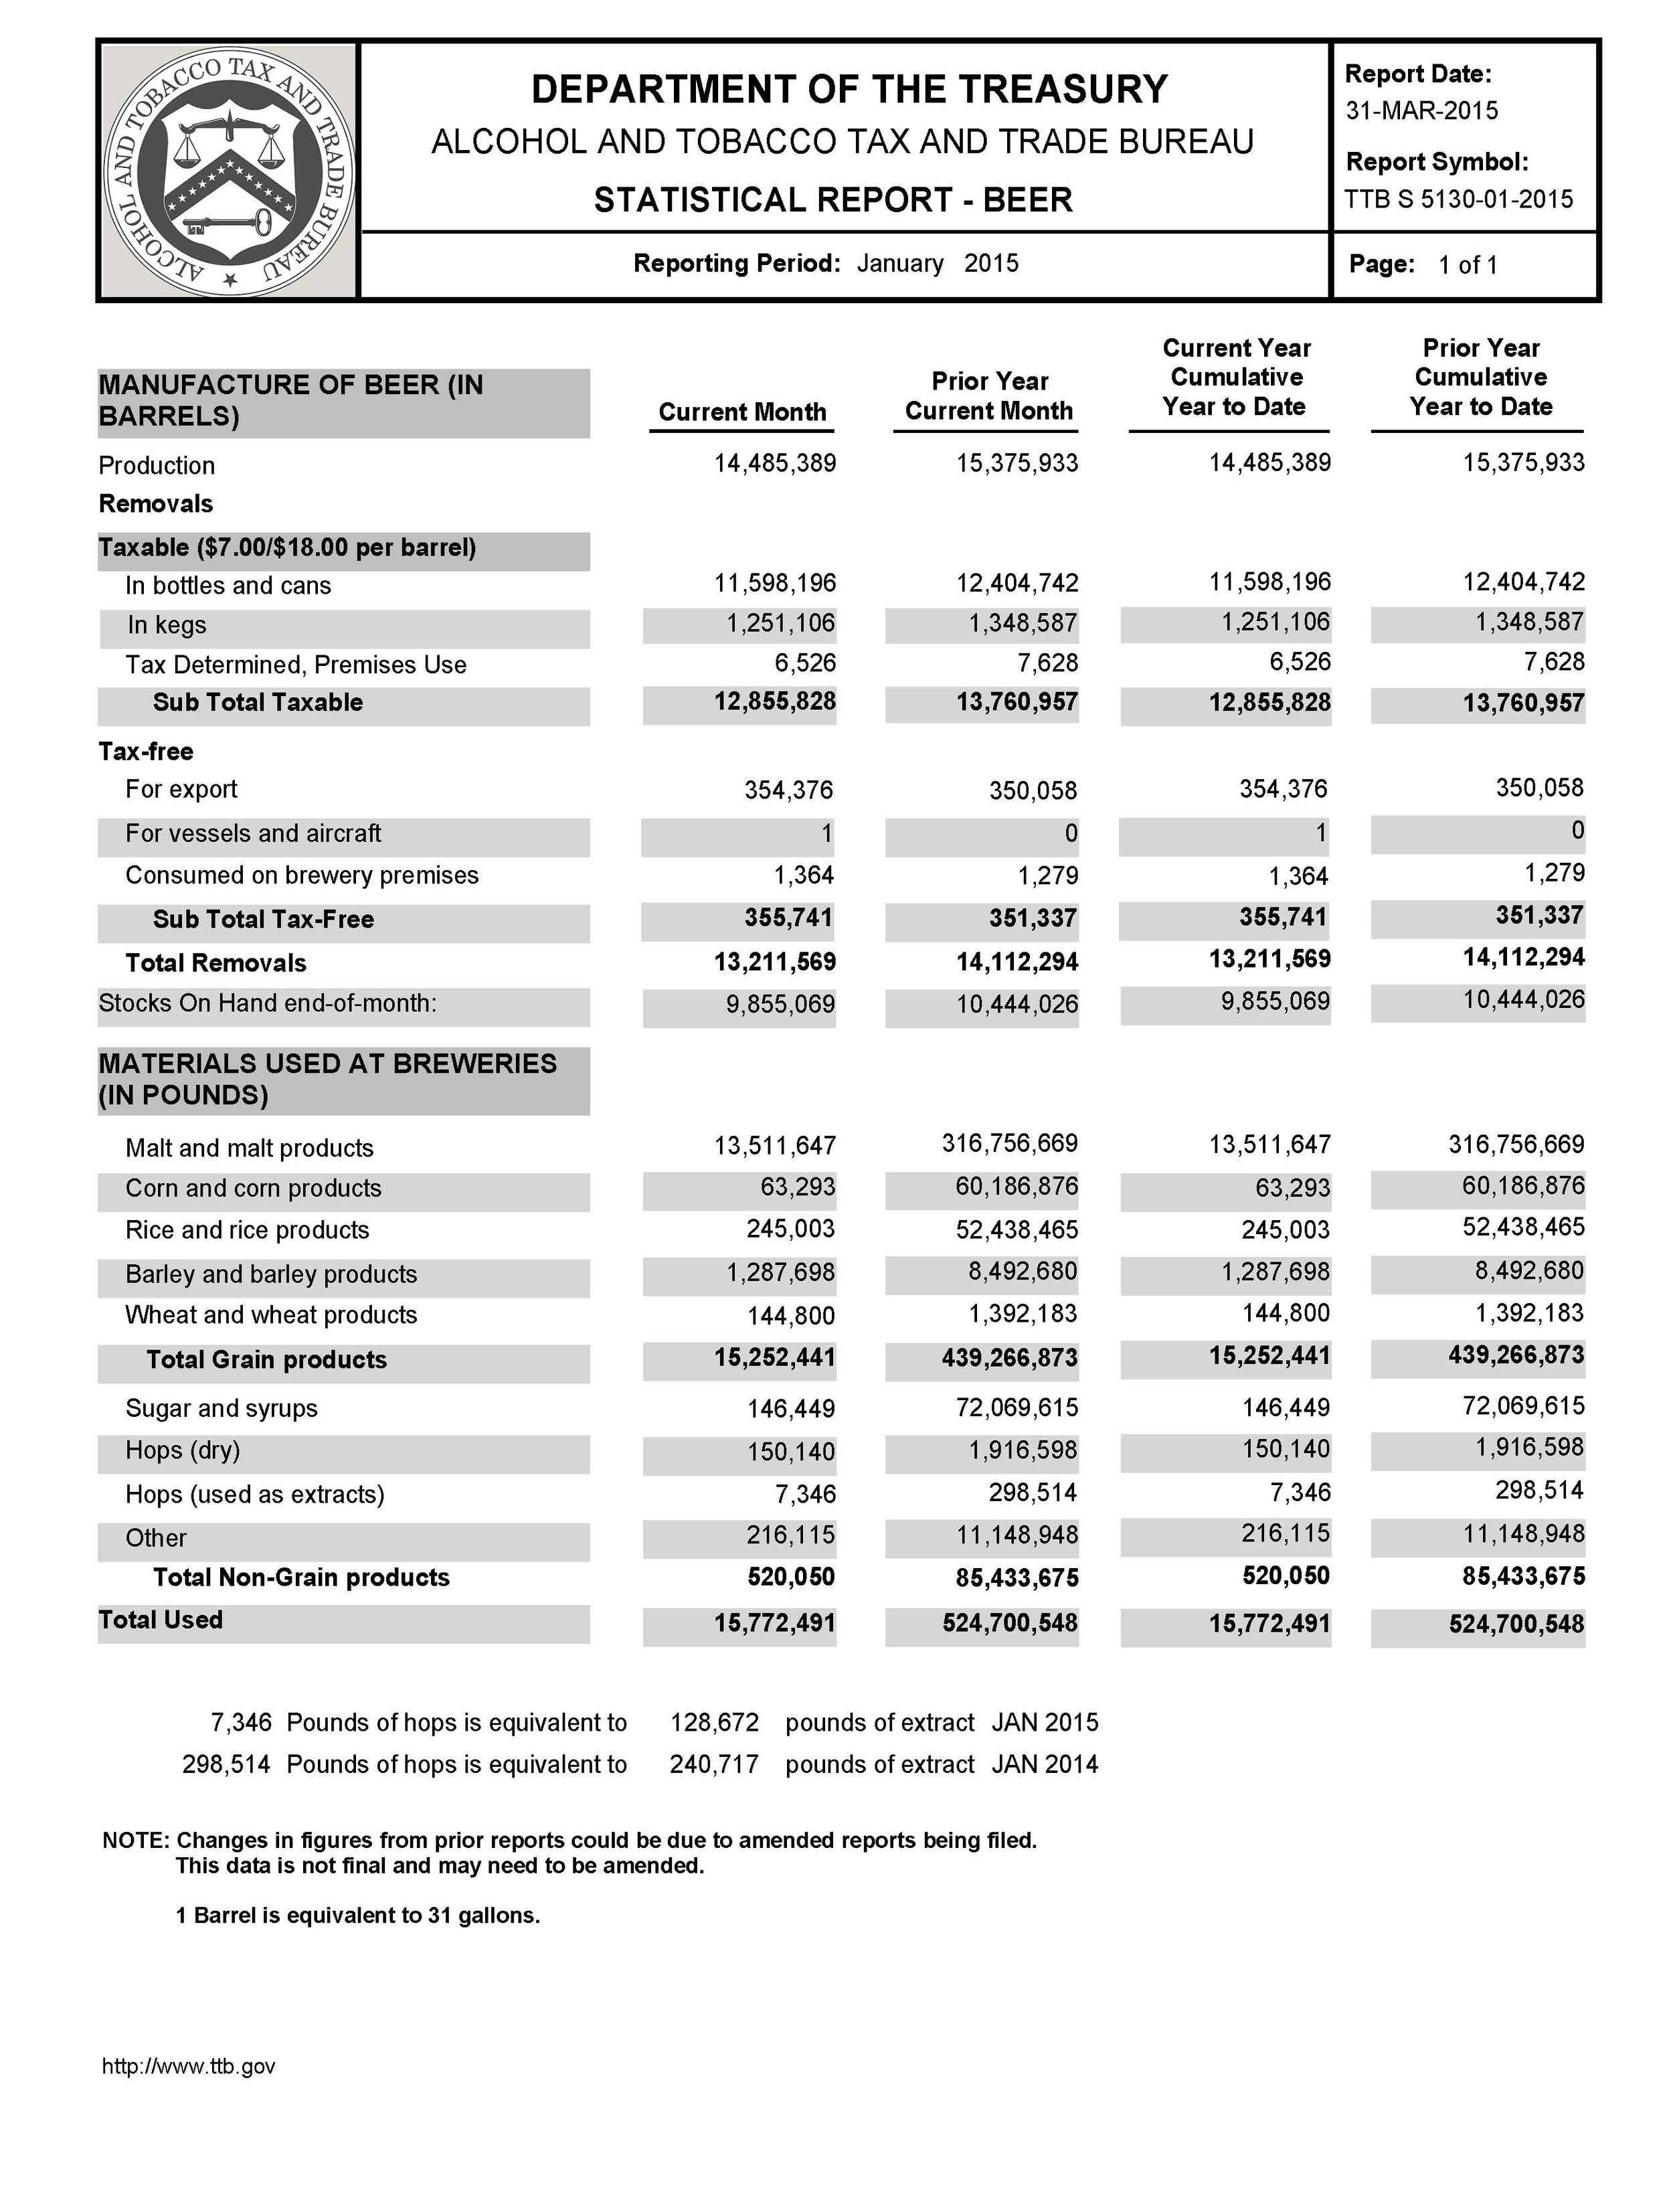 2015_Jan_TTB Stats.jpg